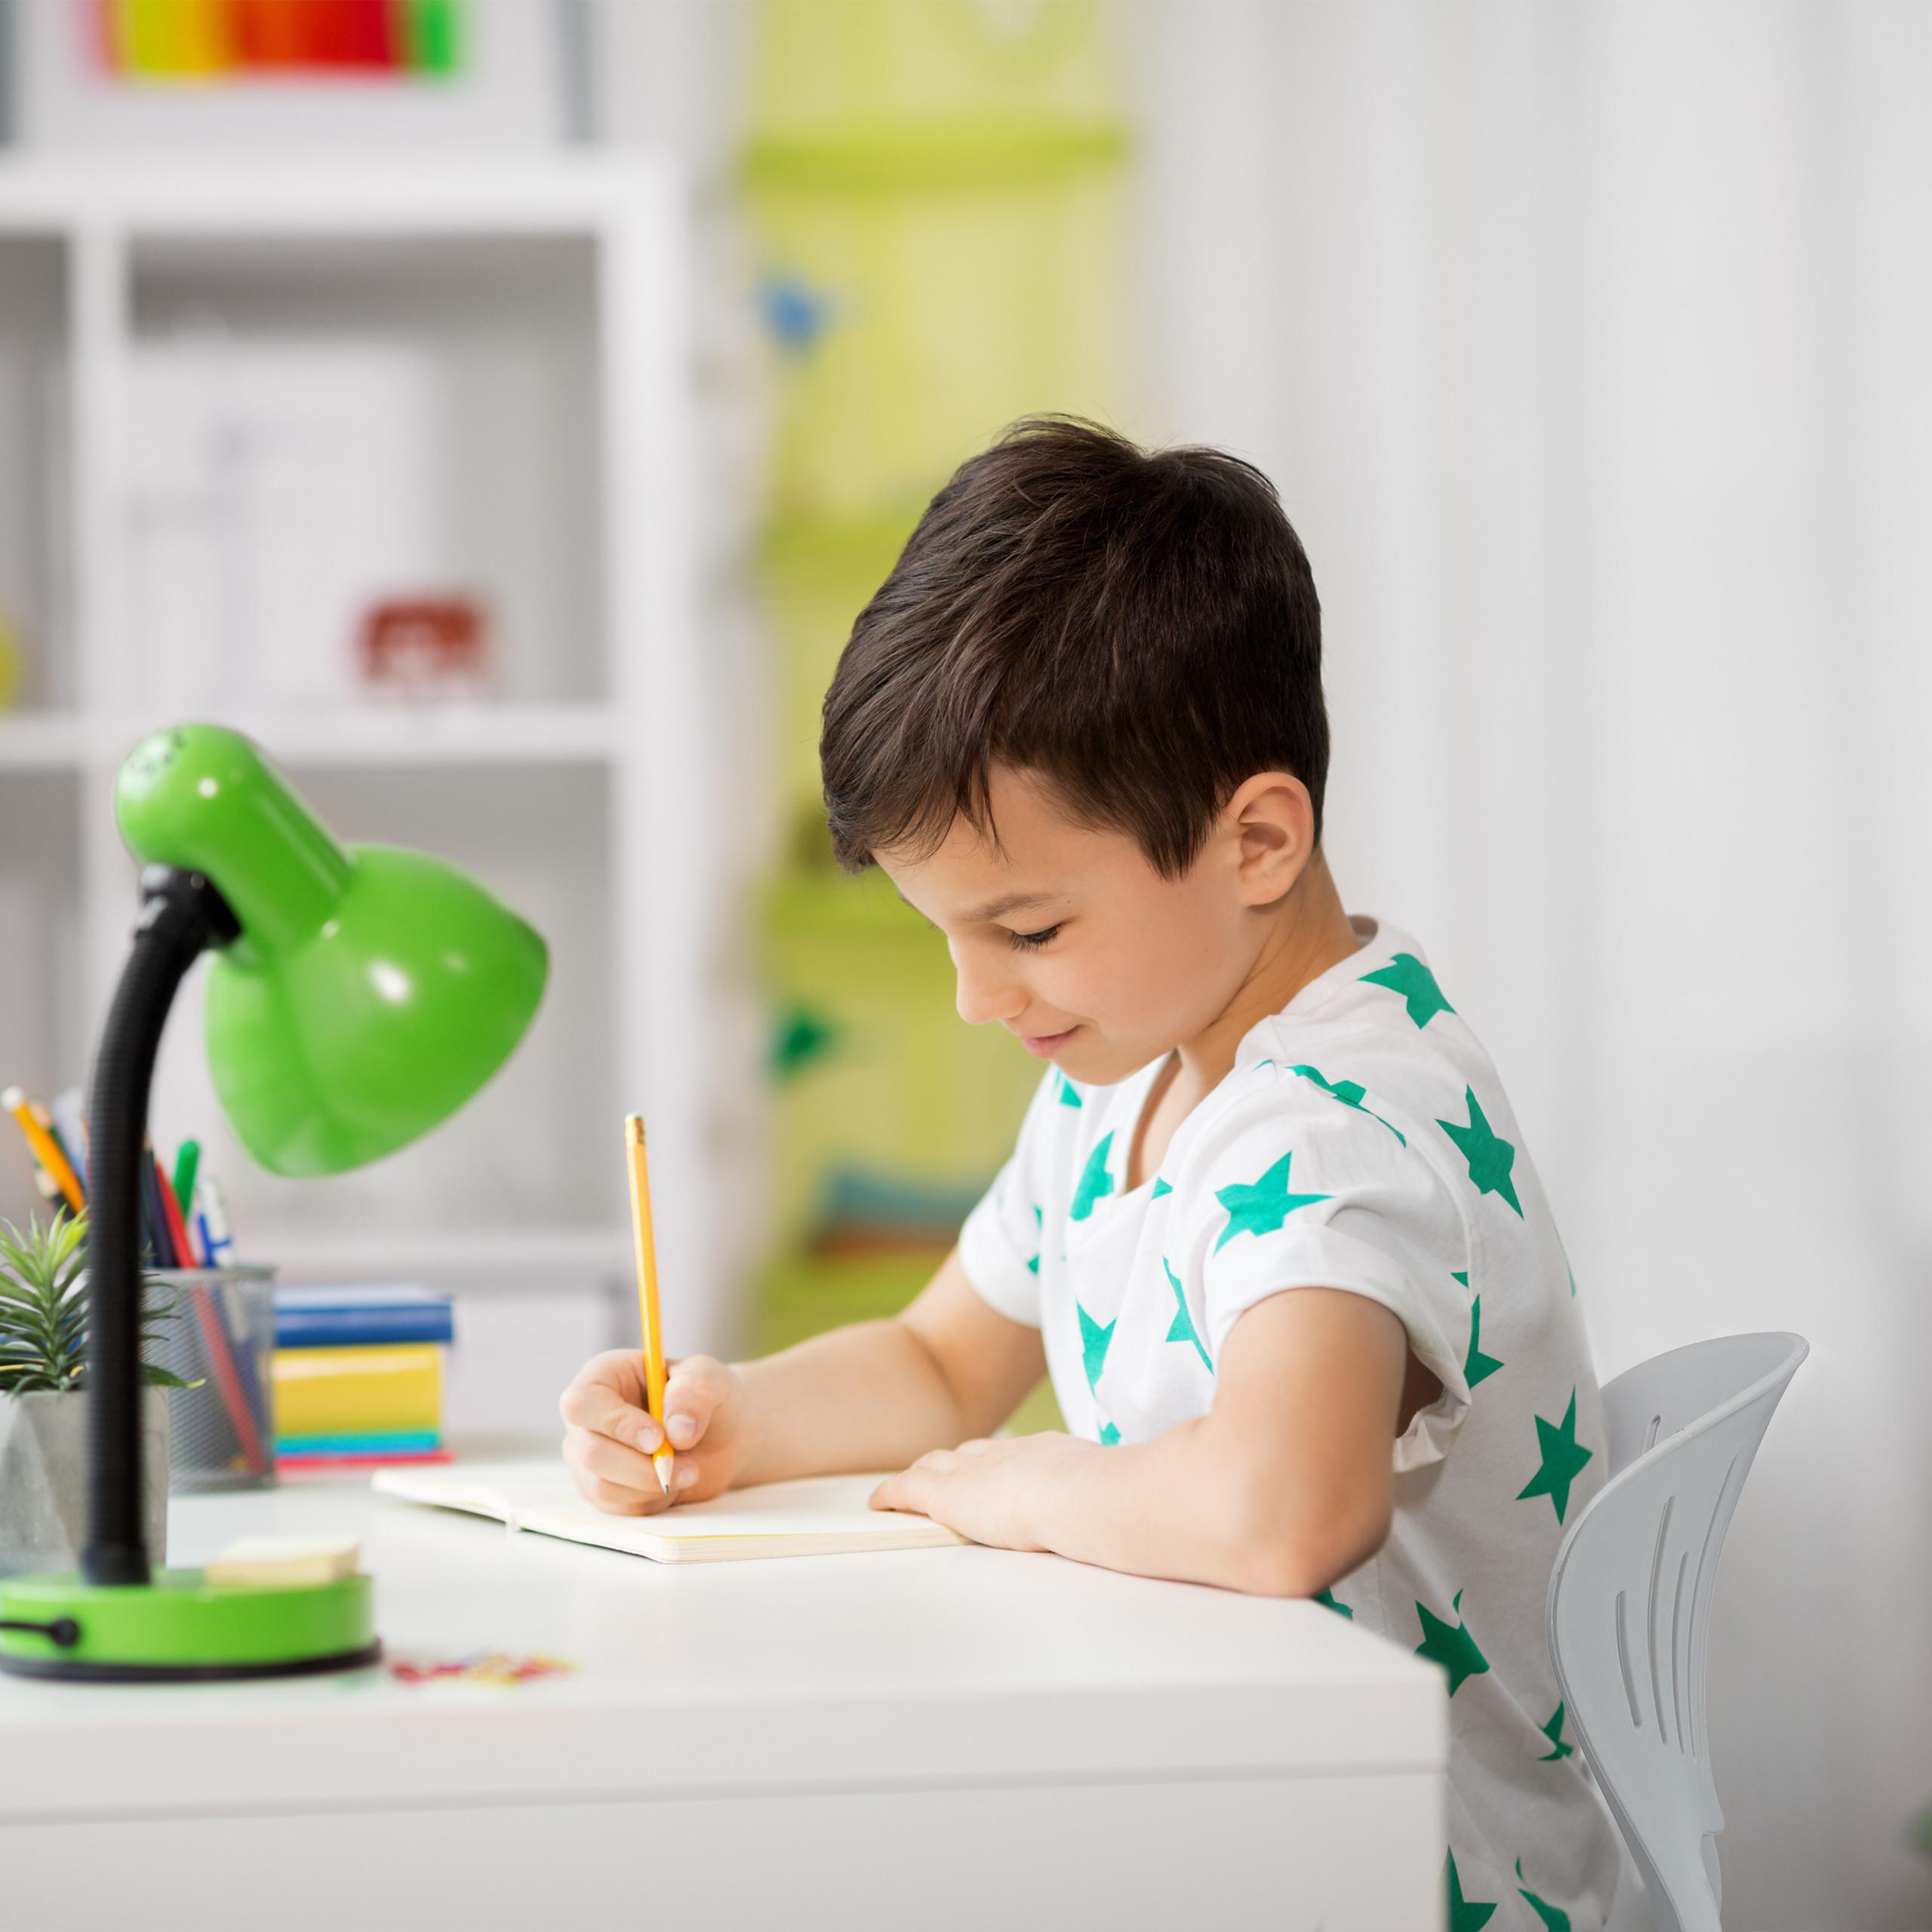 Kinderdrehstuhl Kunstleder Drehstuhl Kinder Schreibtischstuhl Jugenddrehstuhl